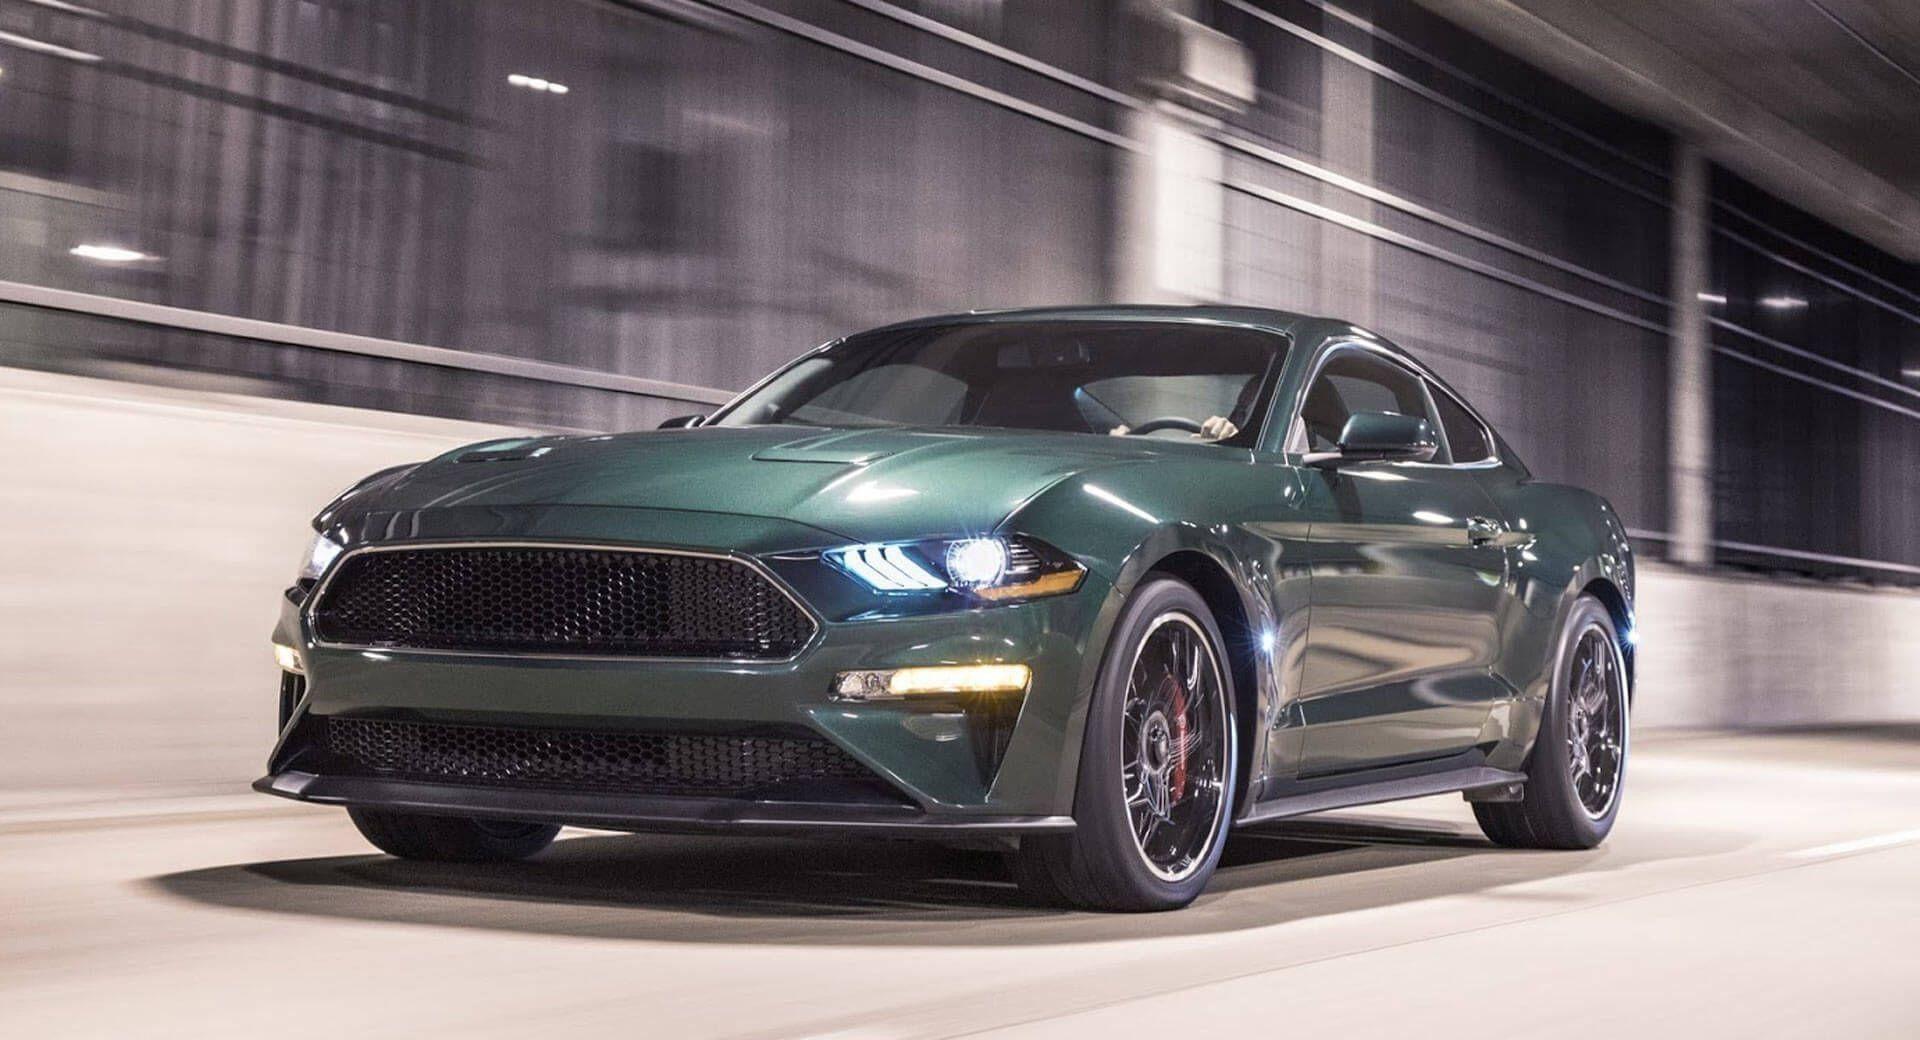 2021 Mustang Rocket Speed Test